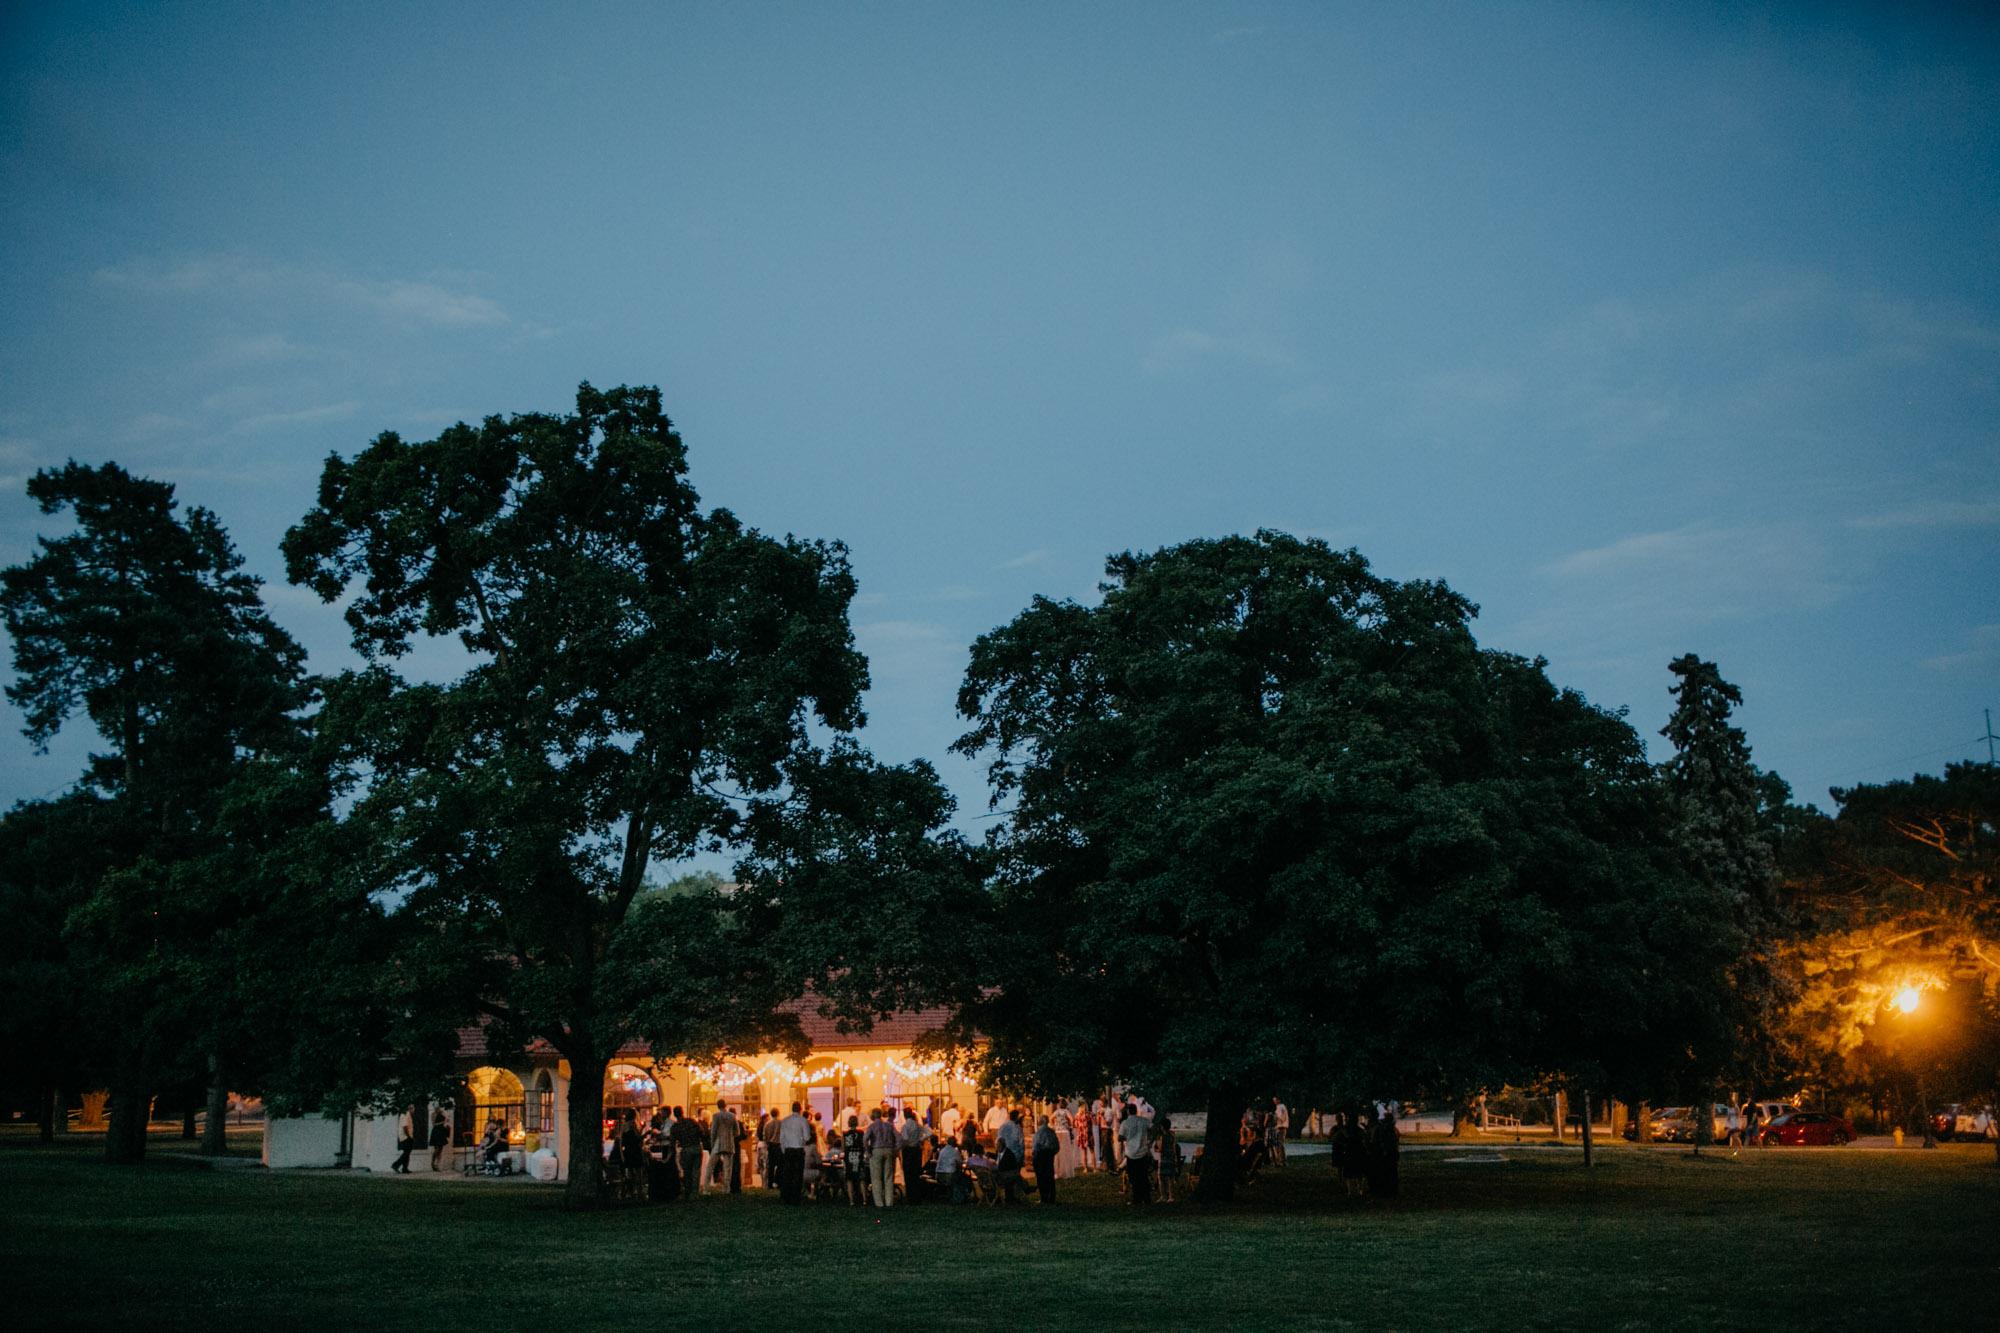 elmwood-park-wedding-photographer-nicole-jon-35.jpg